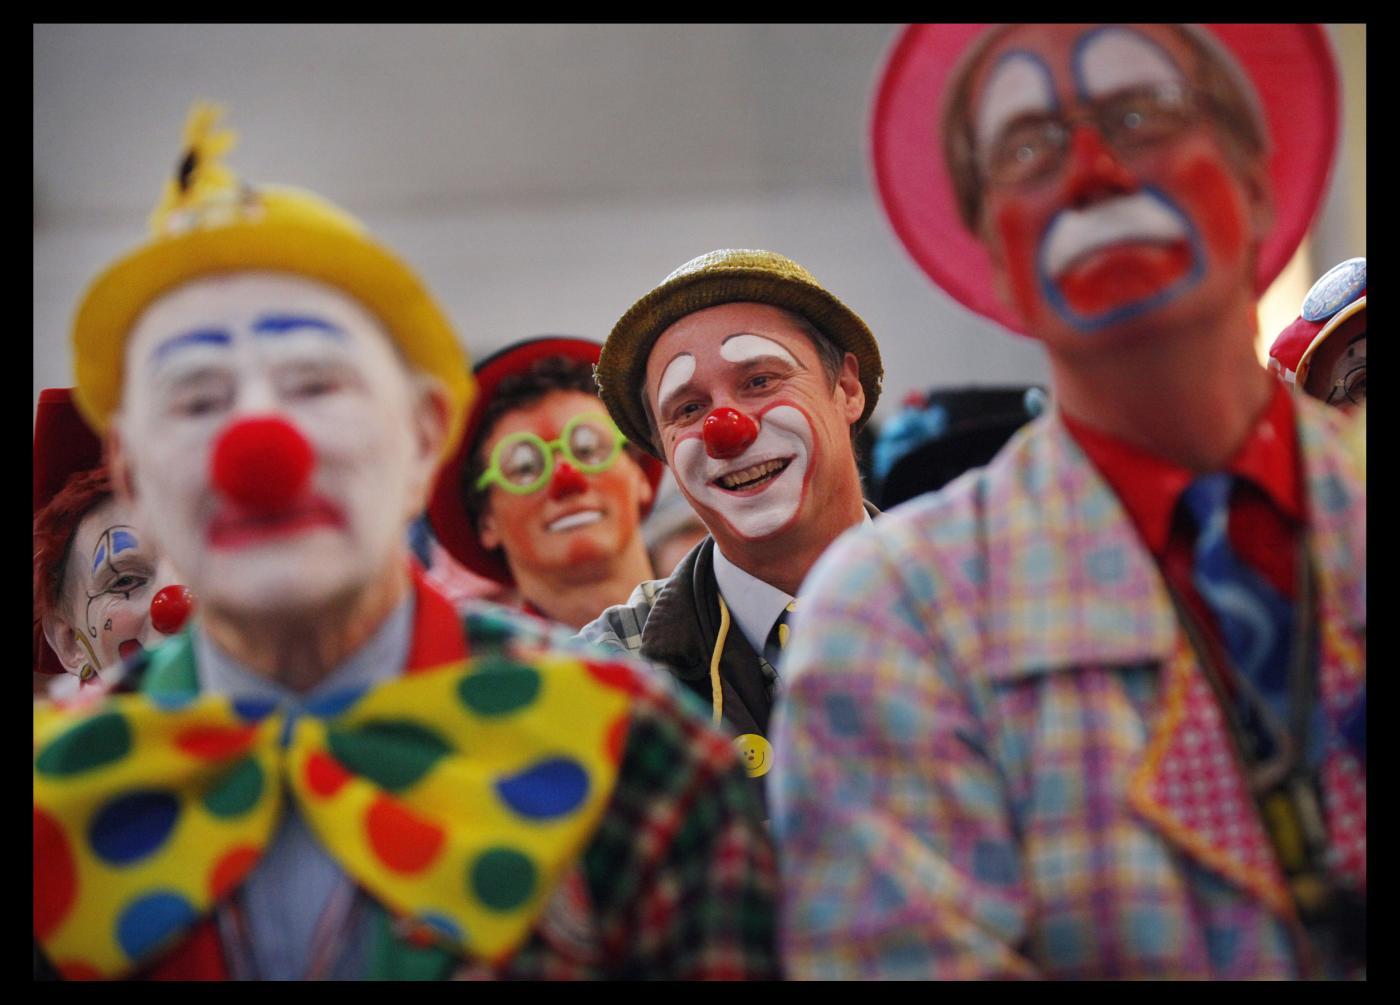 Londra:Raduno Clown